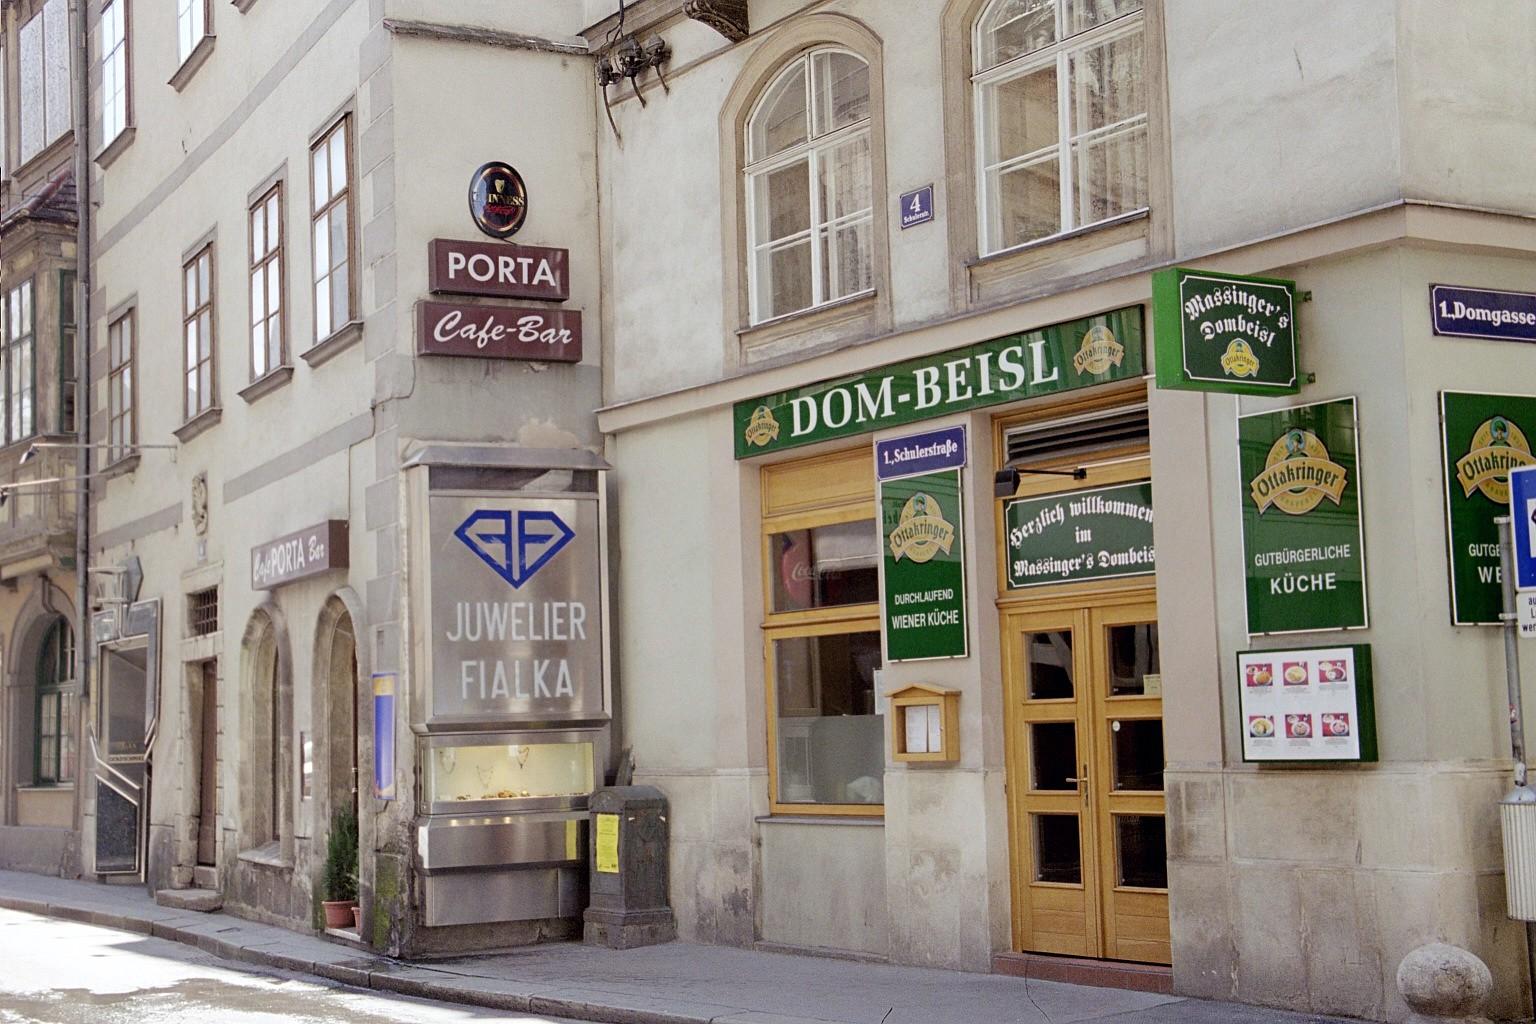 Dombeisl 2002